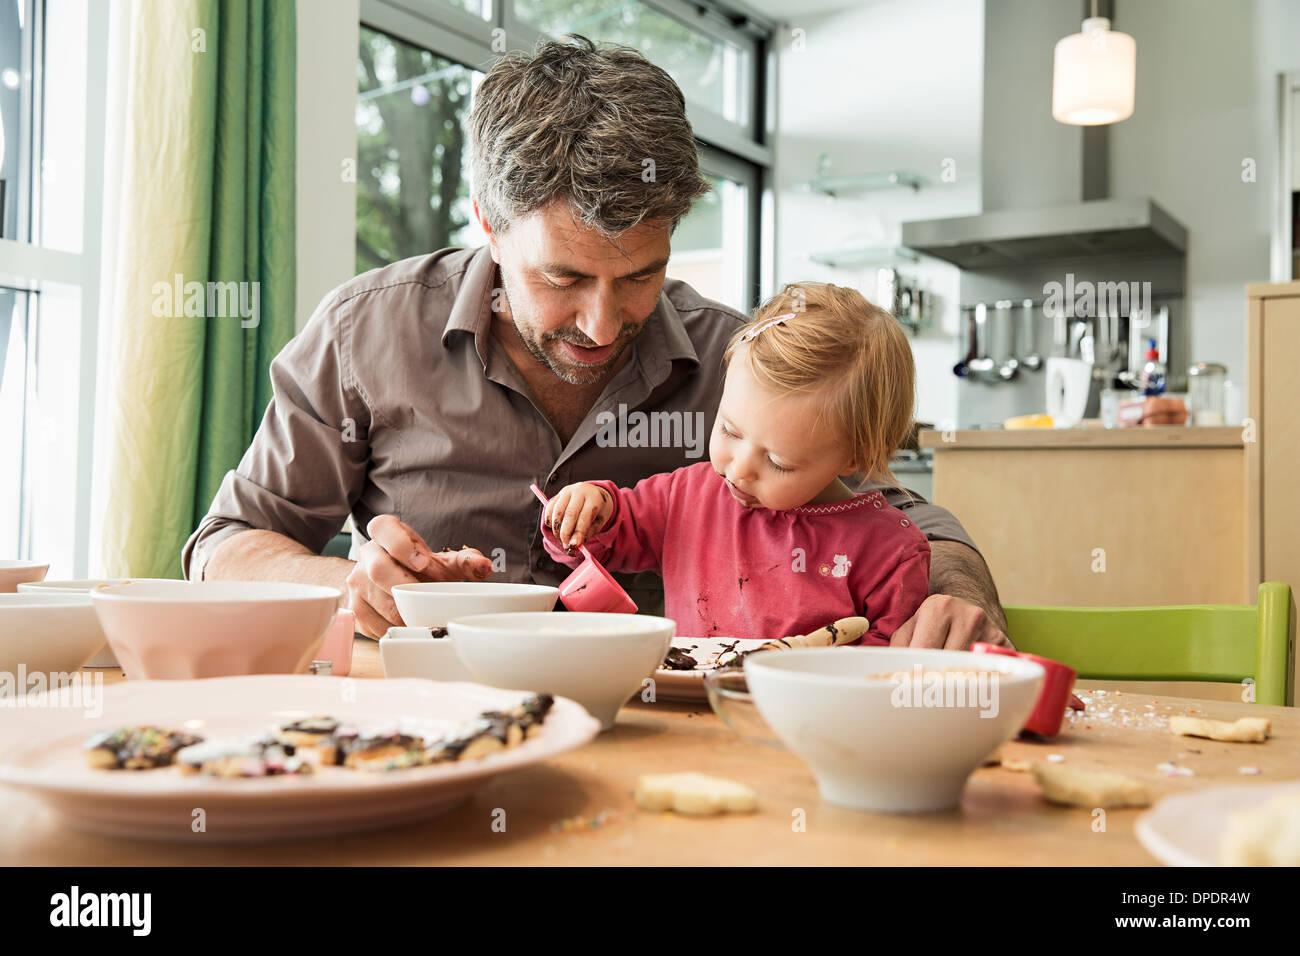 Père et fille la cuisson dans la cuisine Photo Stock